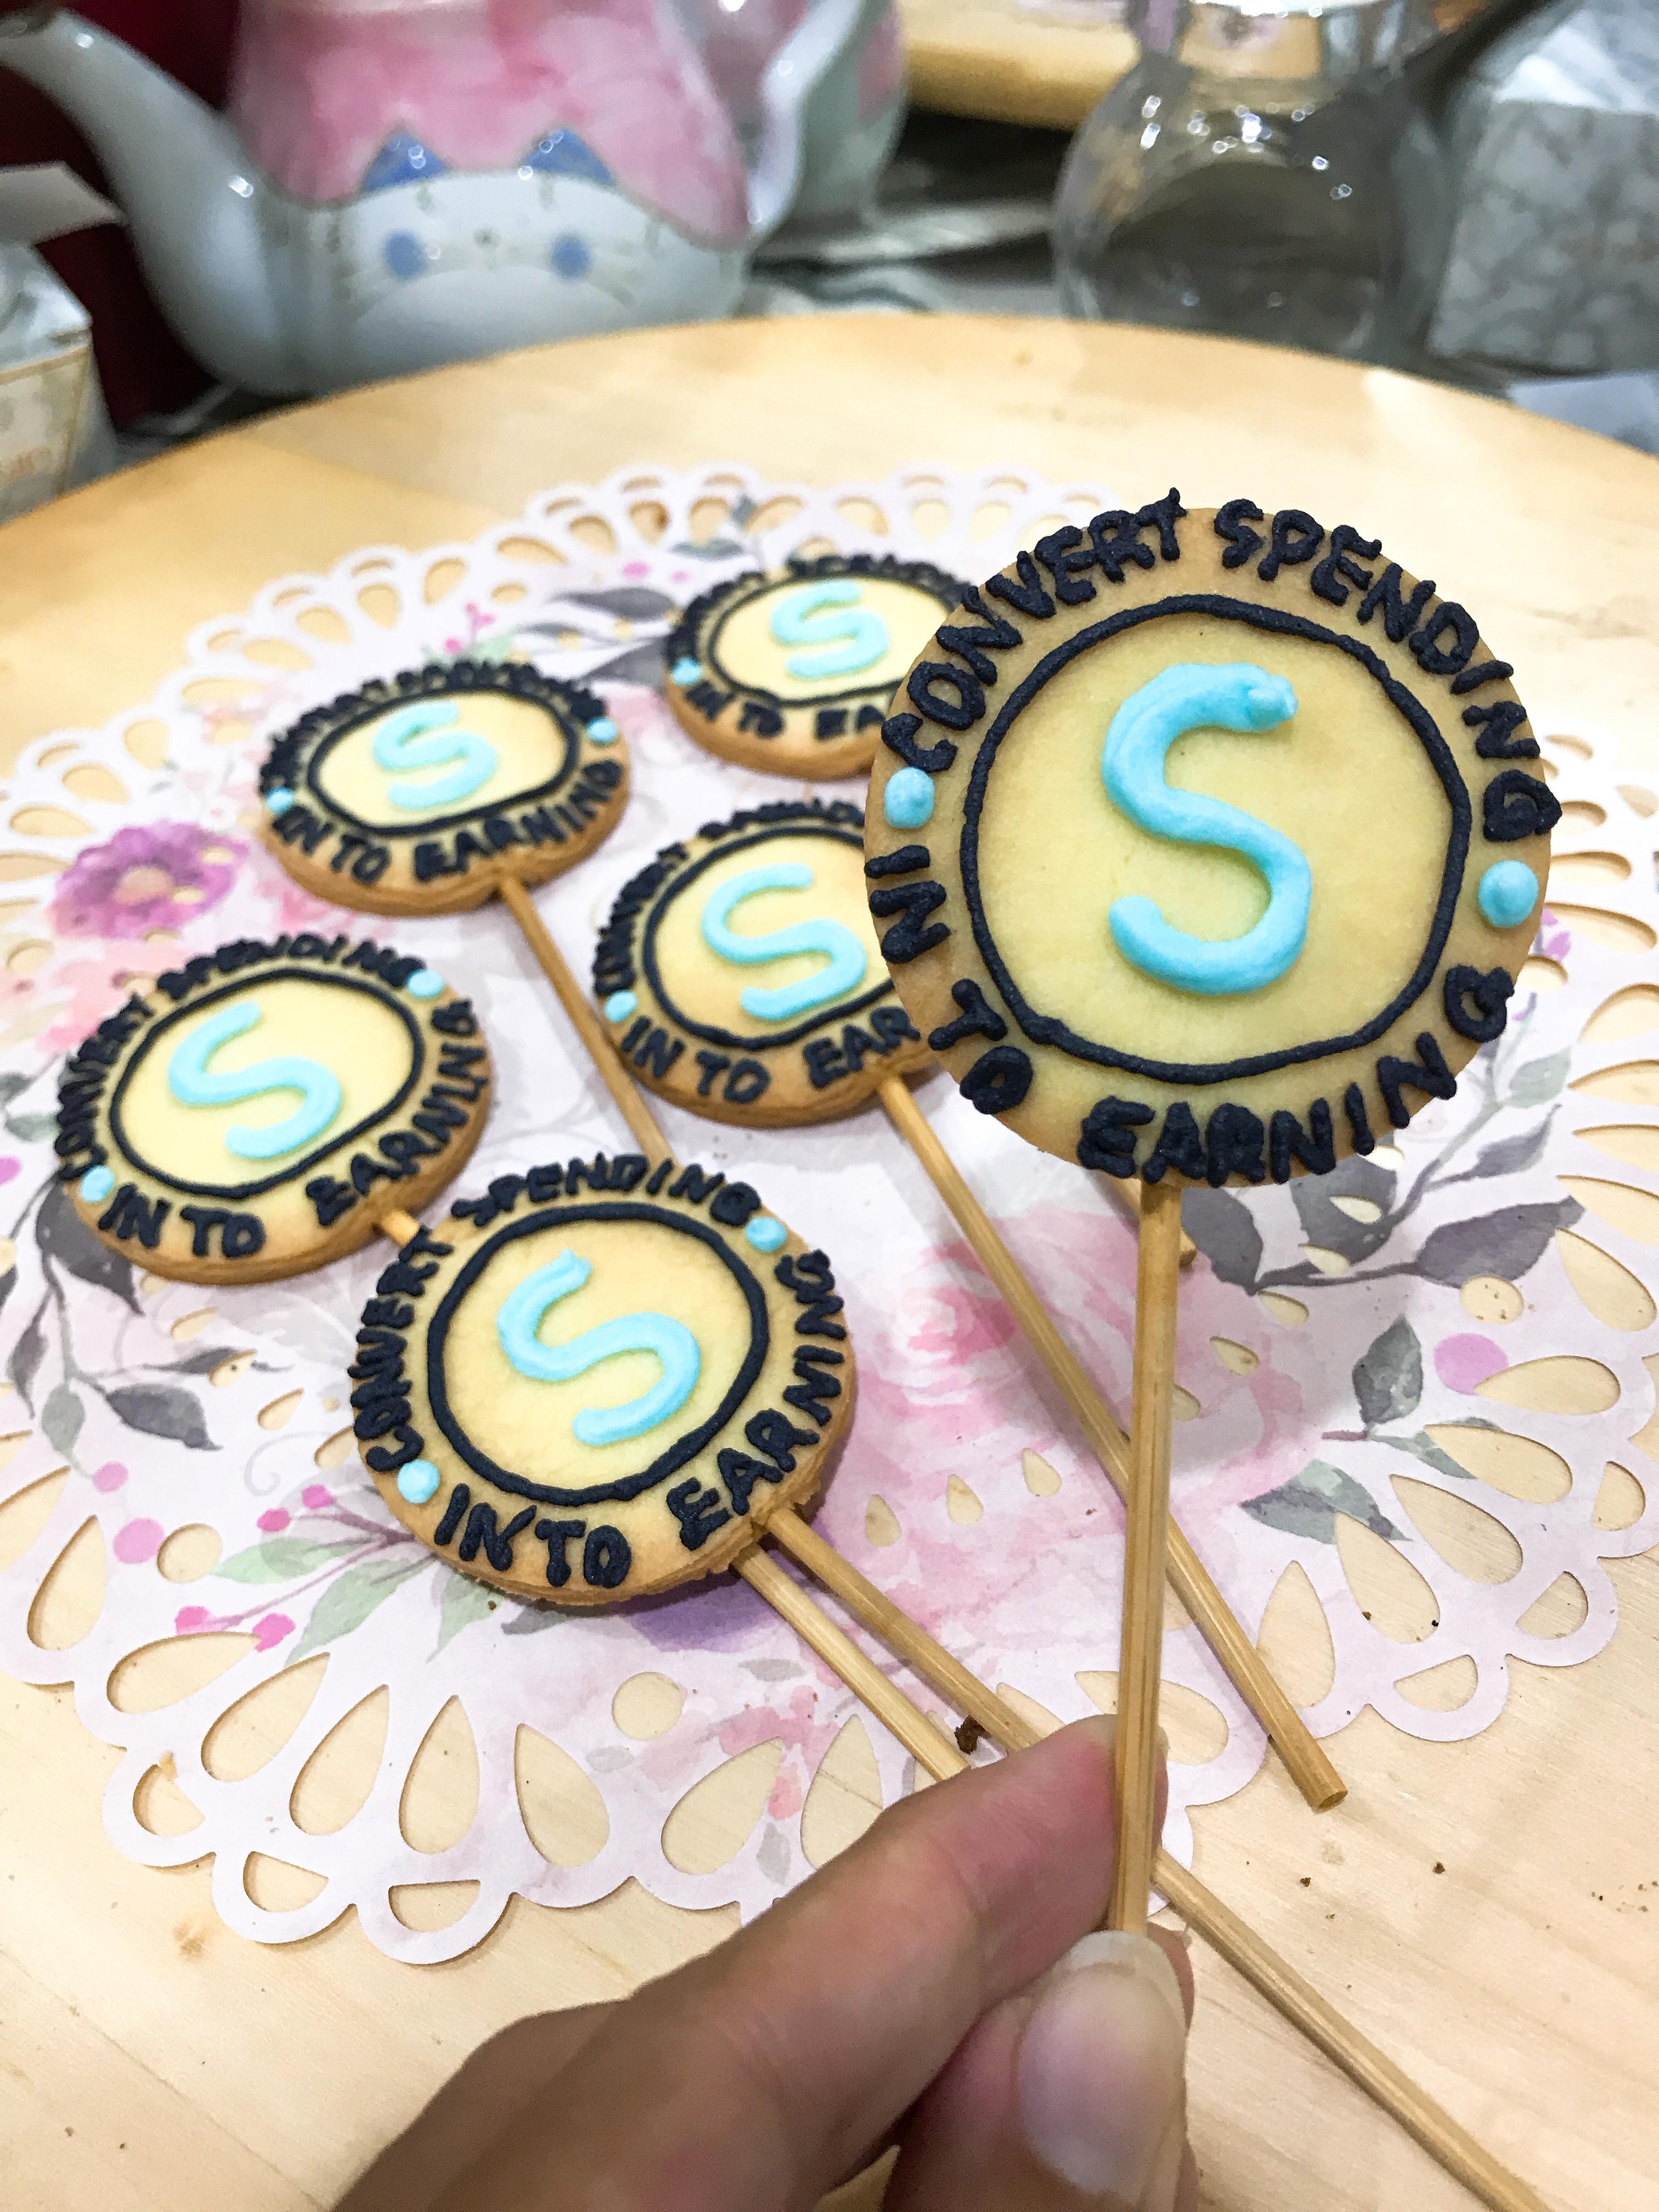 shop.com 糖霜餅乾 10支組